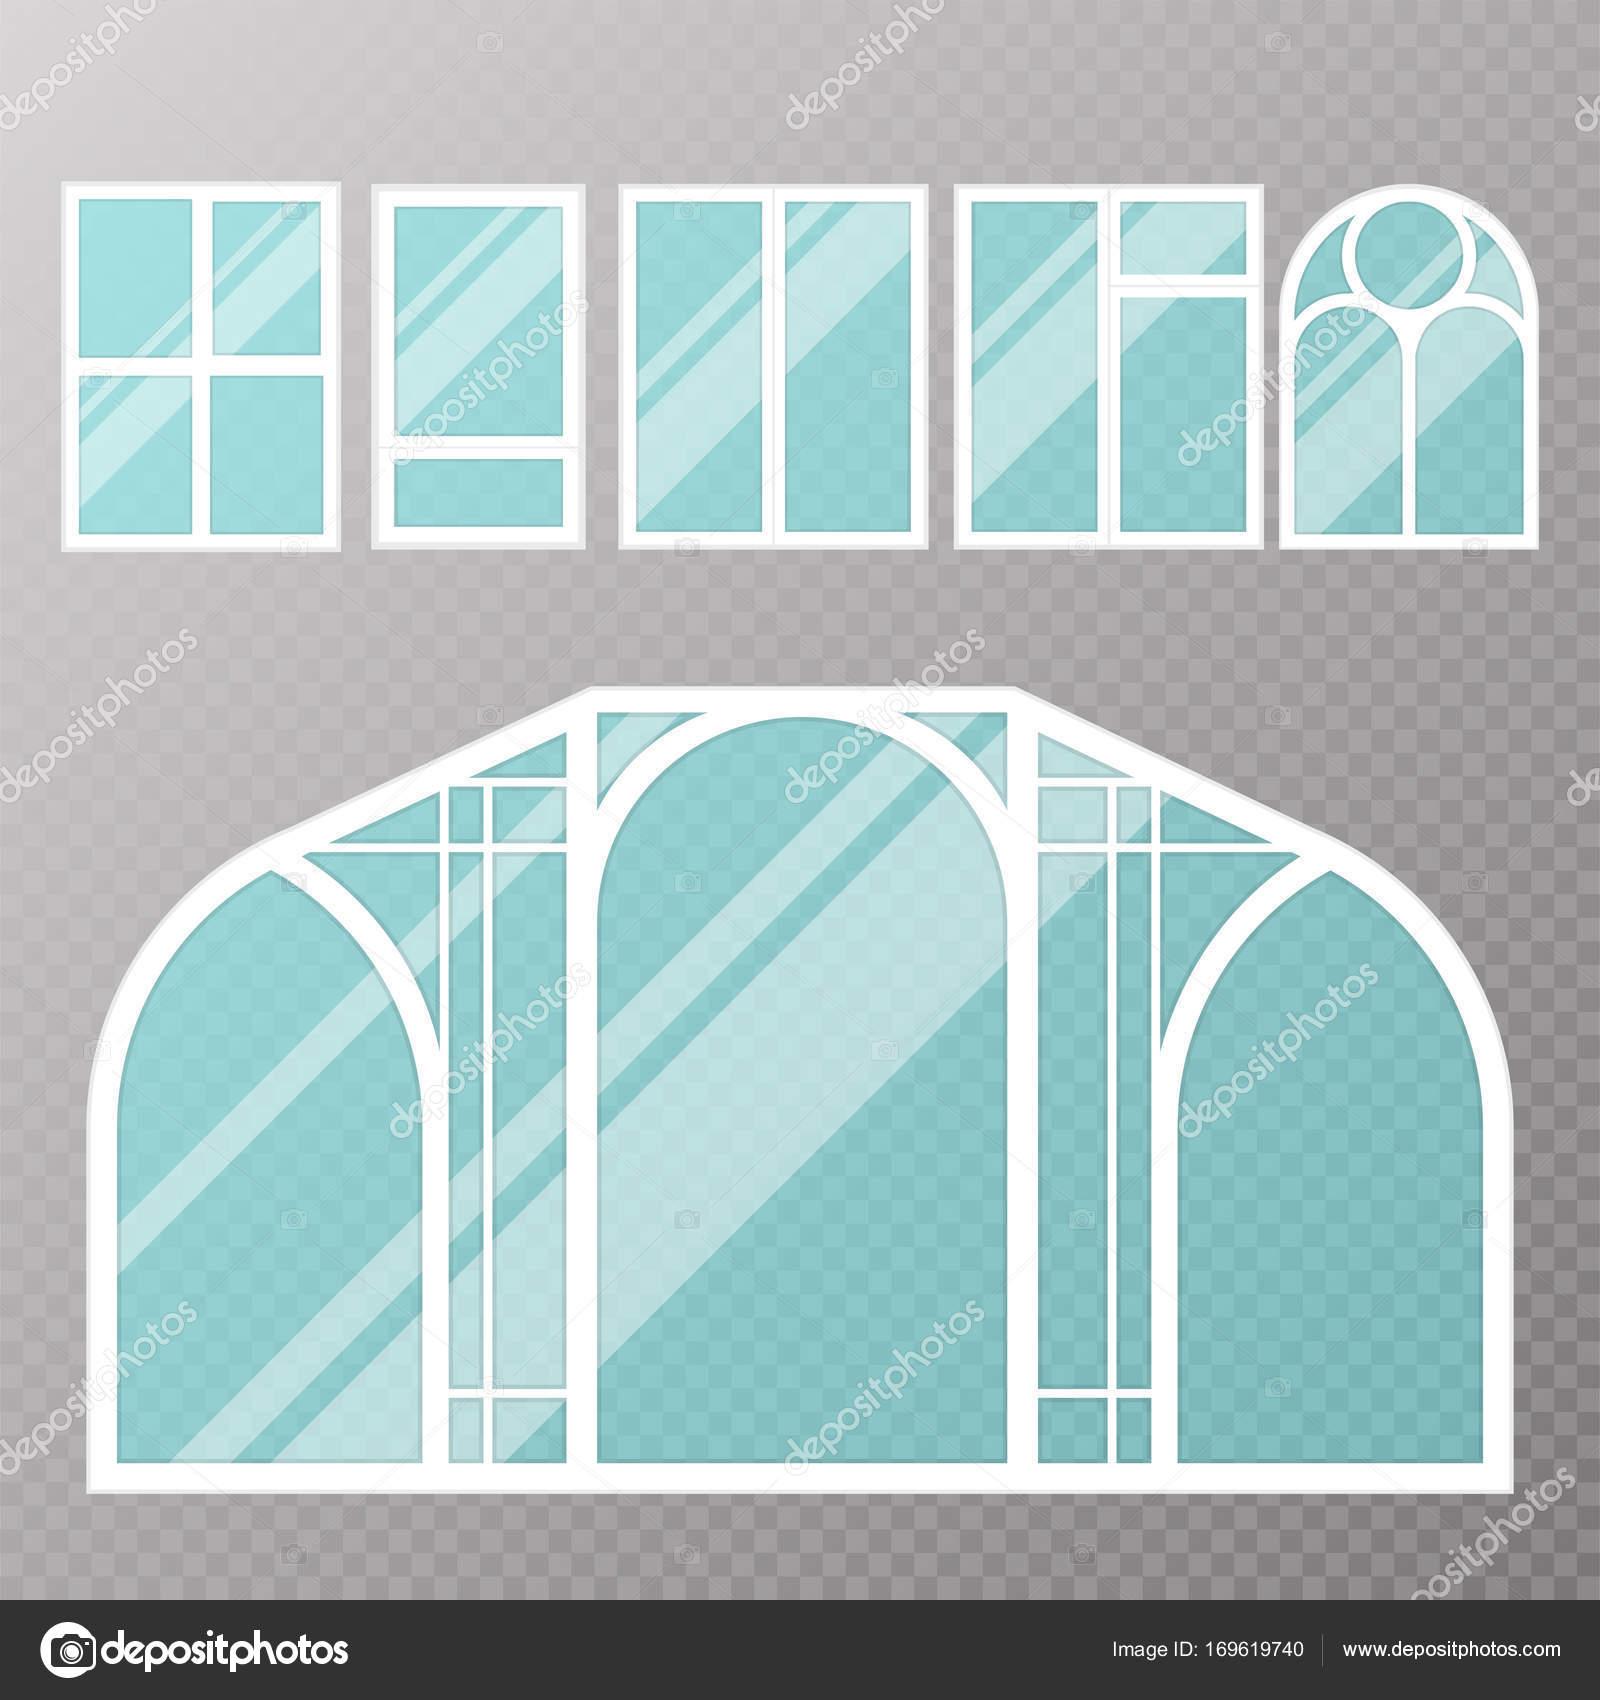 Diferentes tipos de la casa windows elementos estilo plano vidrio ...